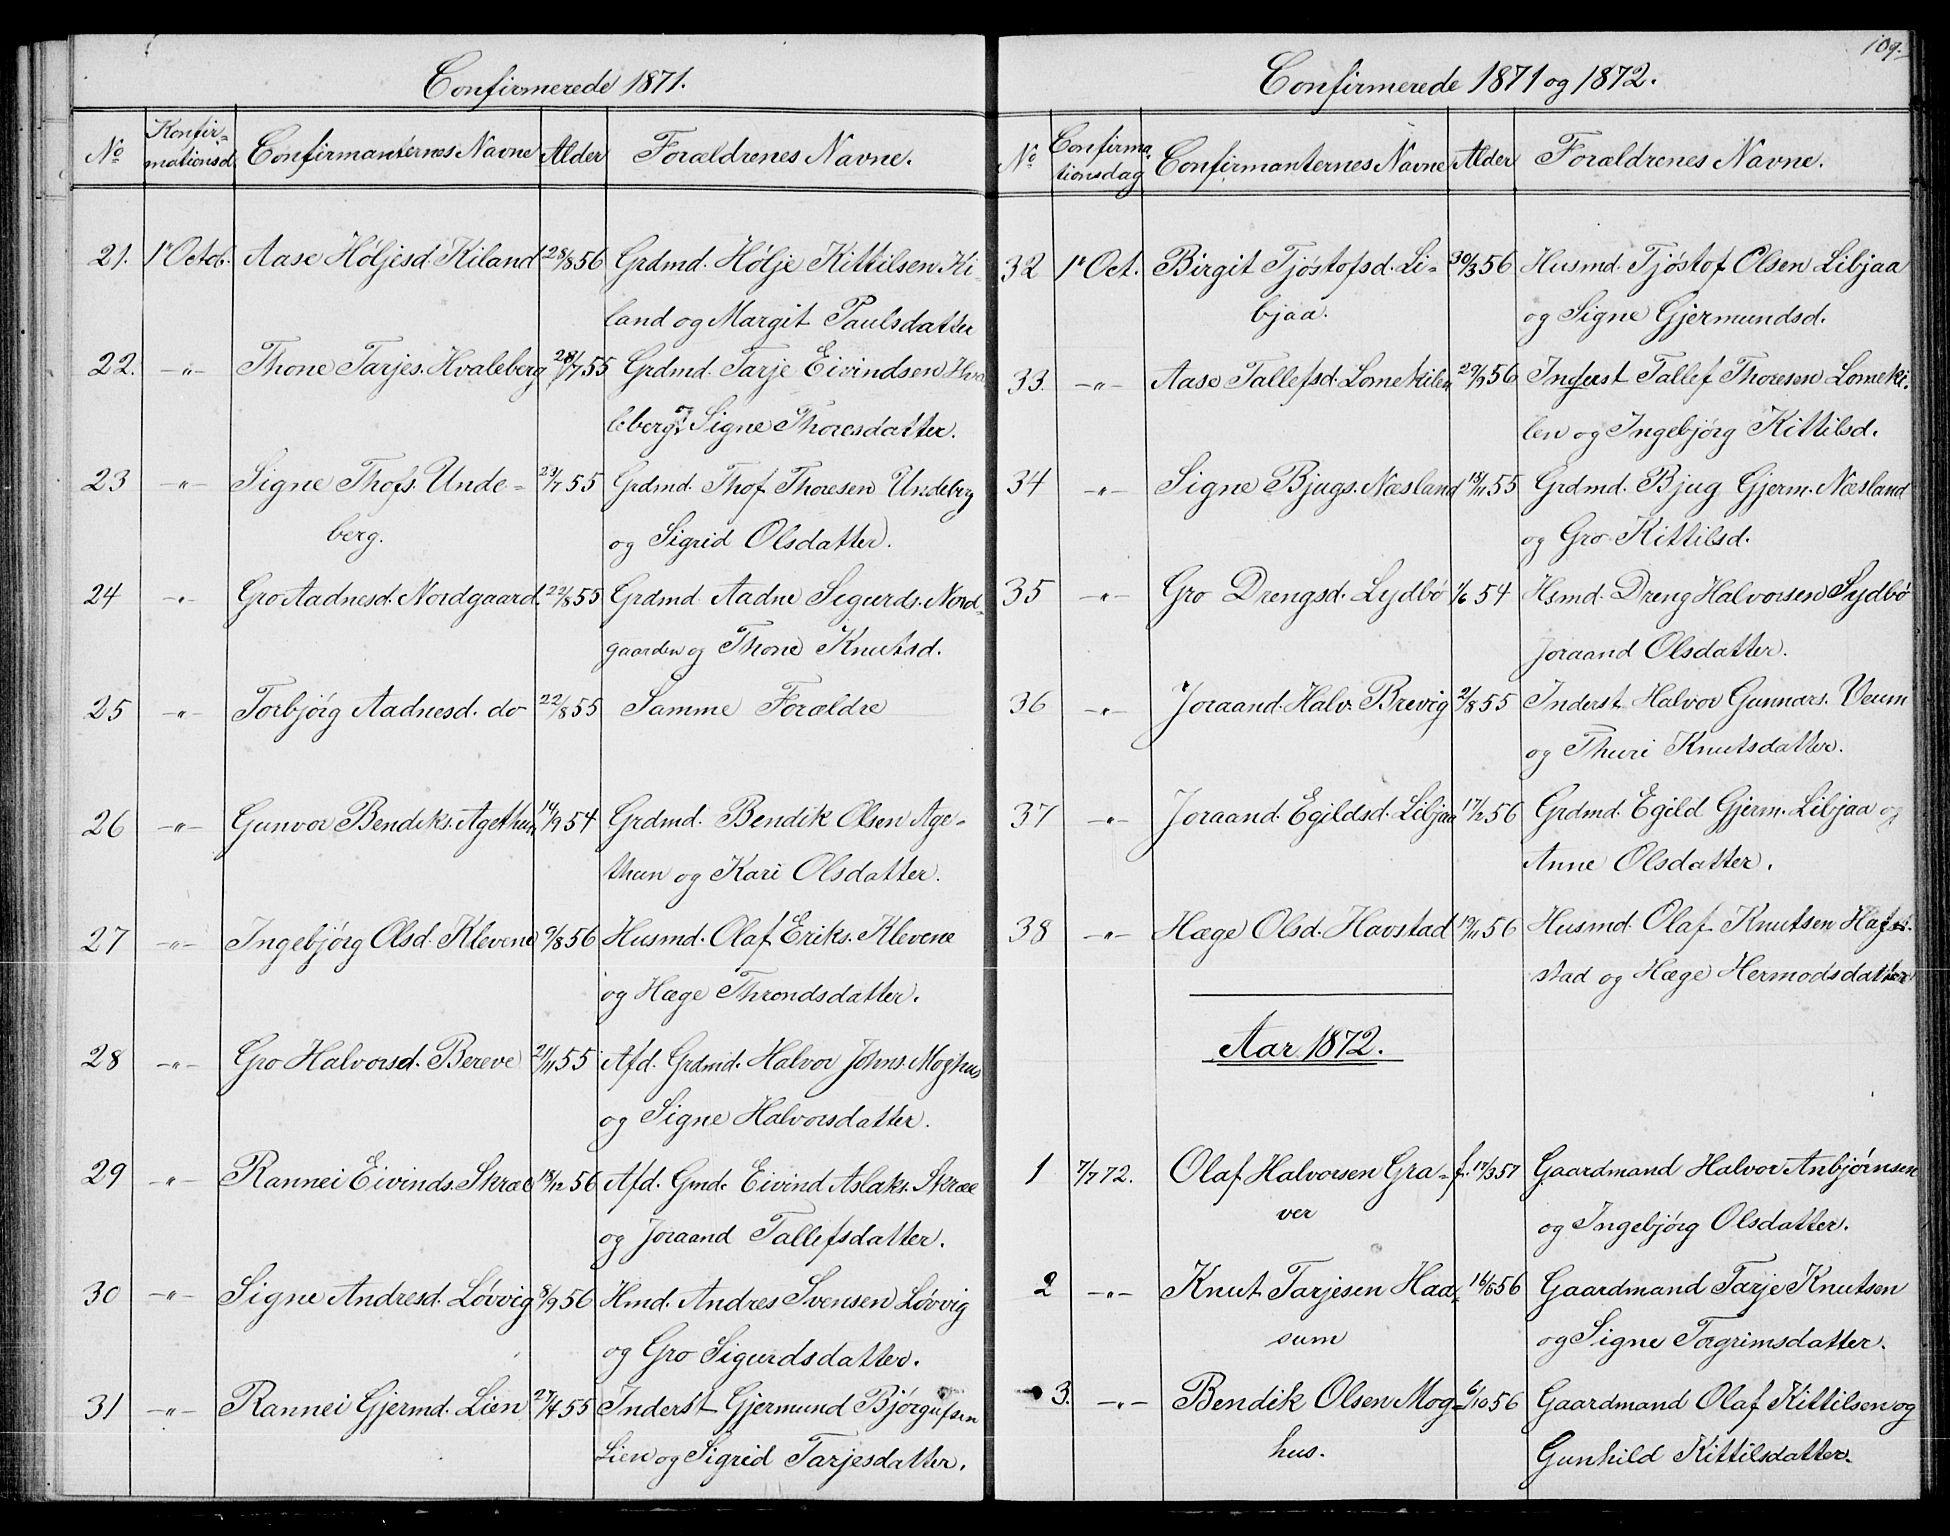 SAKO, Fyresdal kirkebøker, G/Ga/L0004: Klokkerbok nr. I 4, 1864-1892, s. 109